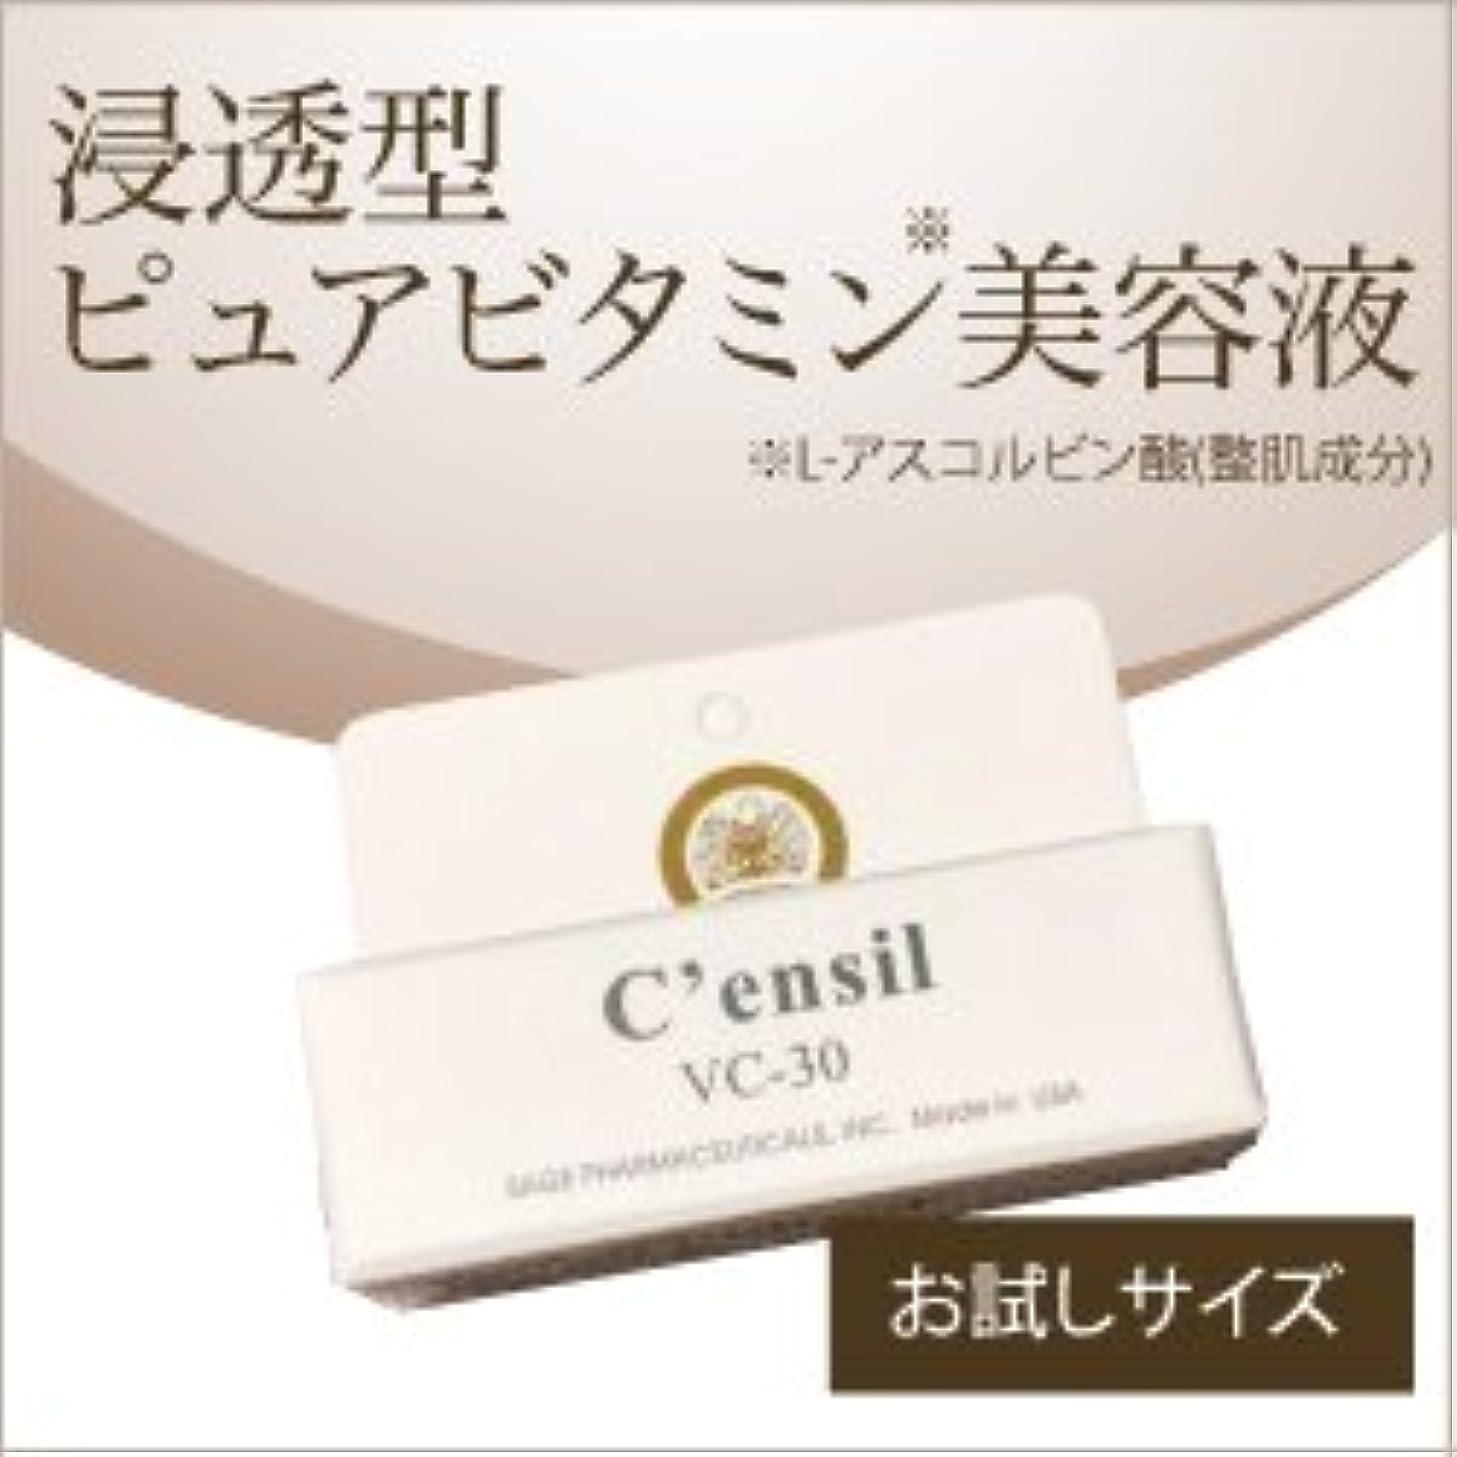 違うオーケストラ汚染されたセンシル C'ensil VC-30 ミニ 2ml 美容液